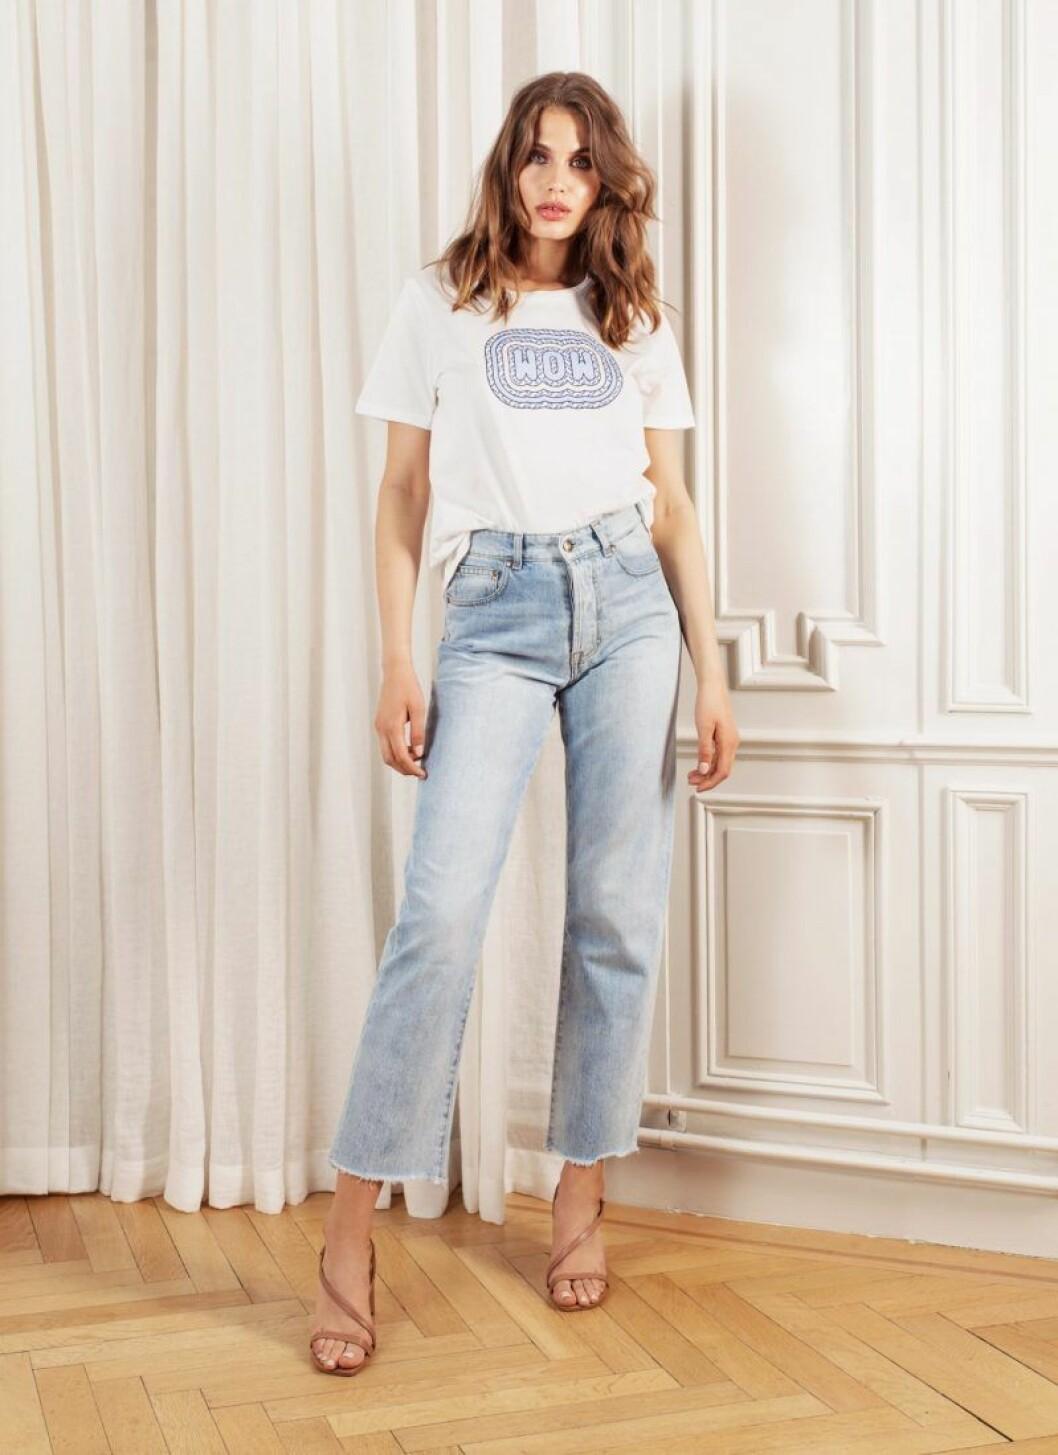 Vårkollektion by malina 2020 jeans